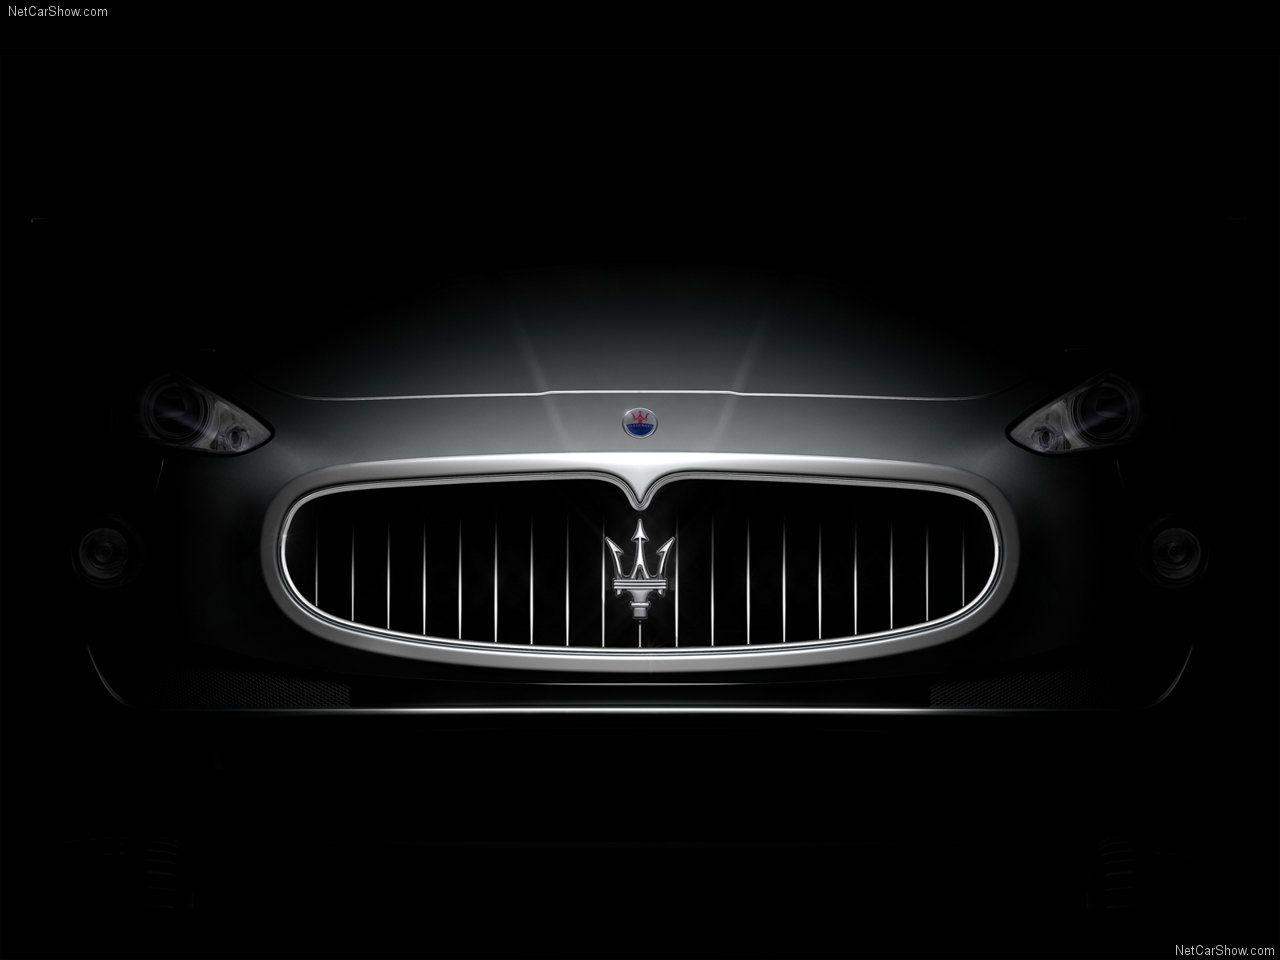 Maserati Wallpapers   Top Maserati Backgrounds   WallpaperAccess 1280x960